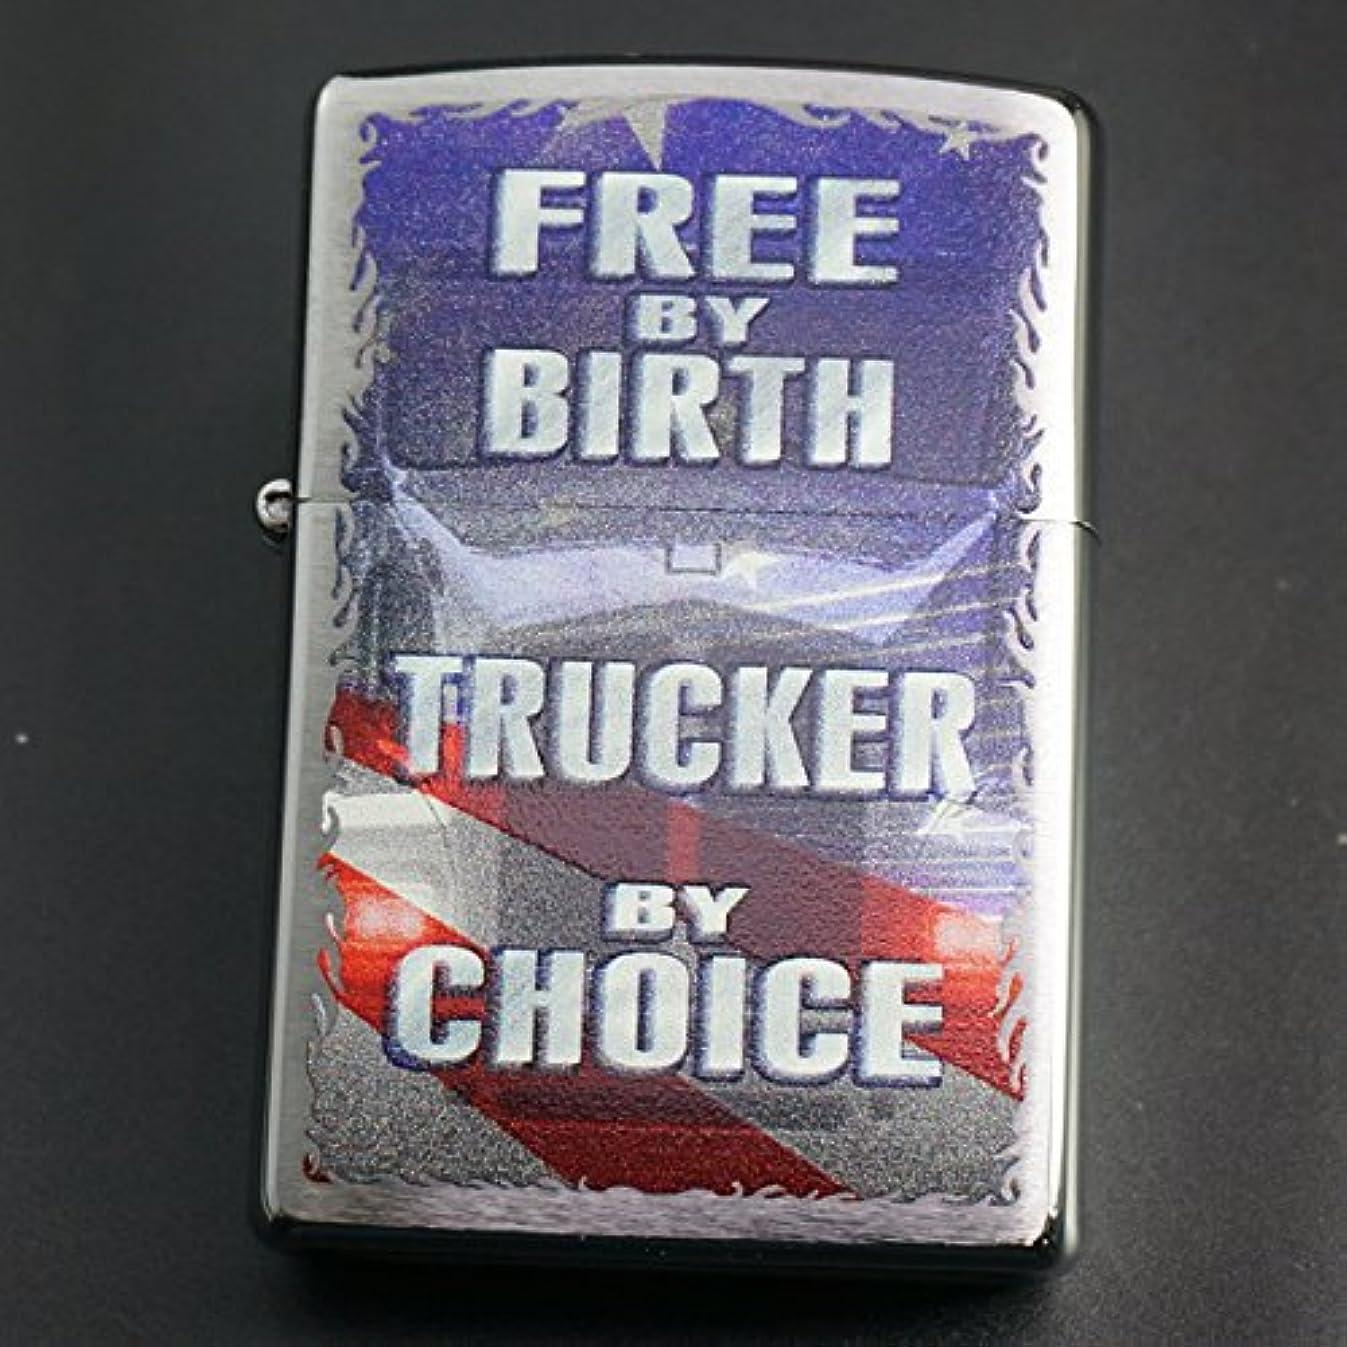 かわす衝動換気するzippo Free by Birth Trucker by Choice 29078